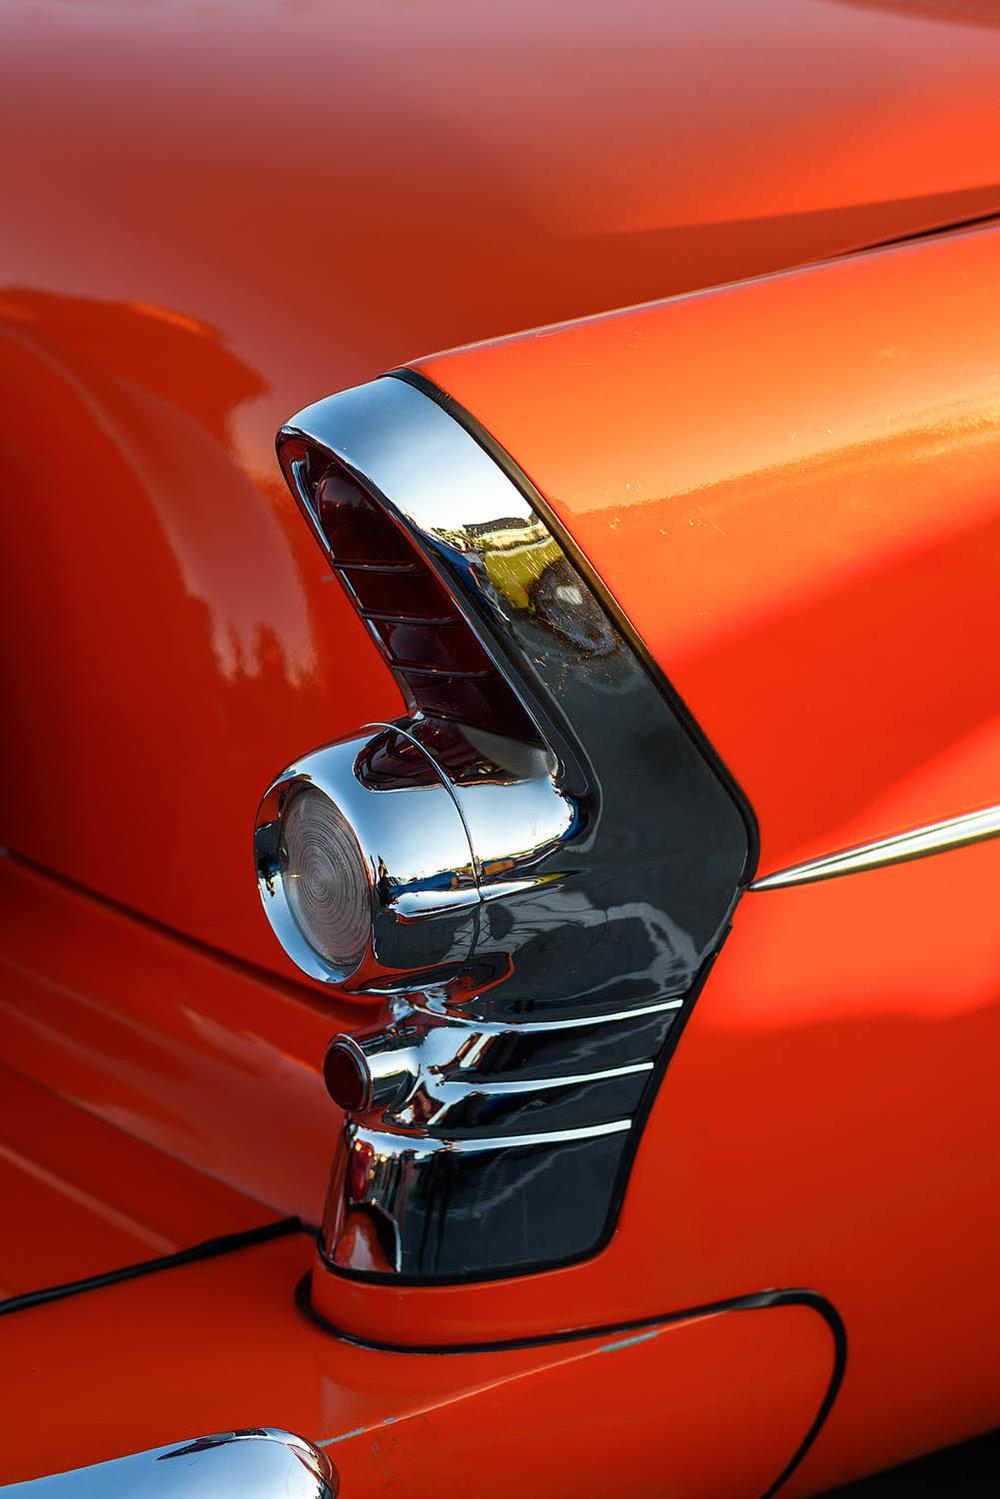 julep-cars-monika-story-27.jpg